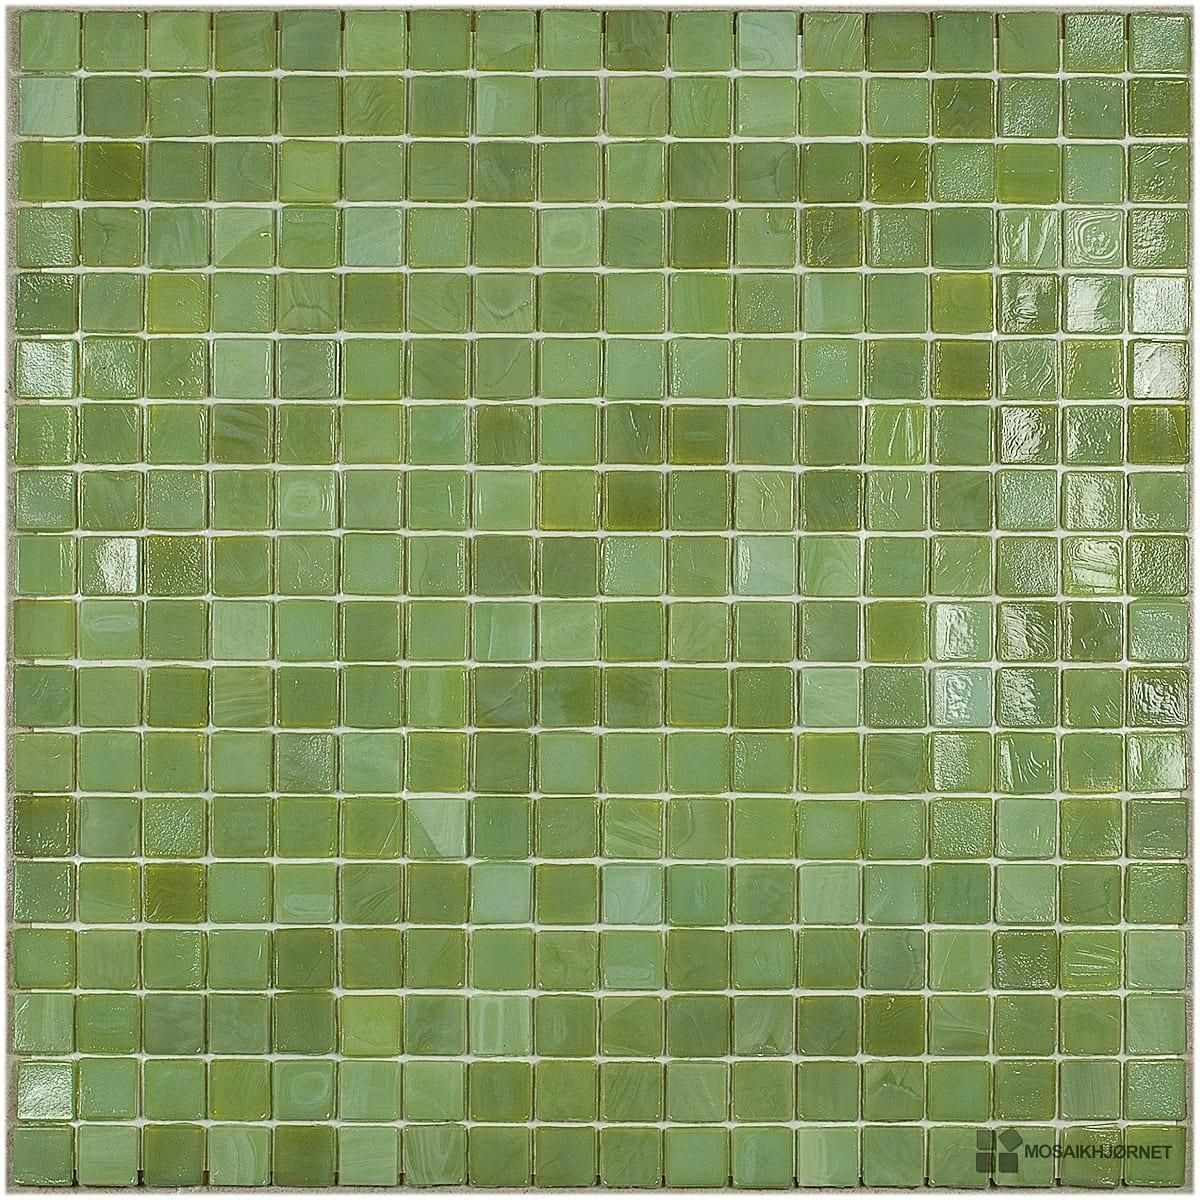 #88903B Mest effektive Mosaik Fliser Køkken ~ Hjem Design Inspiration Fliser Til Bad Og Køkken 4805 120012004805